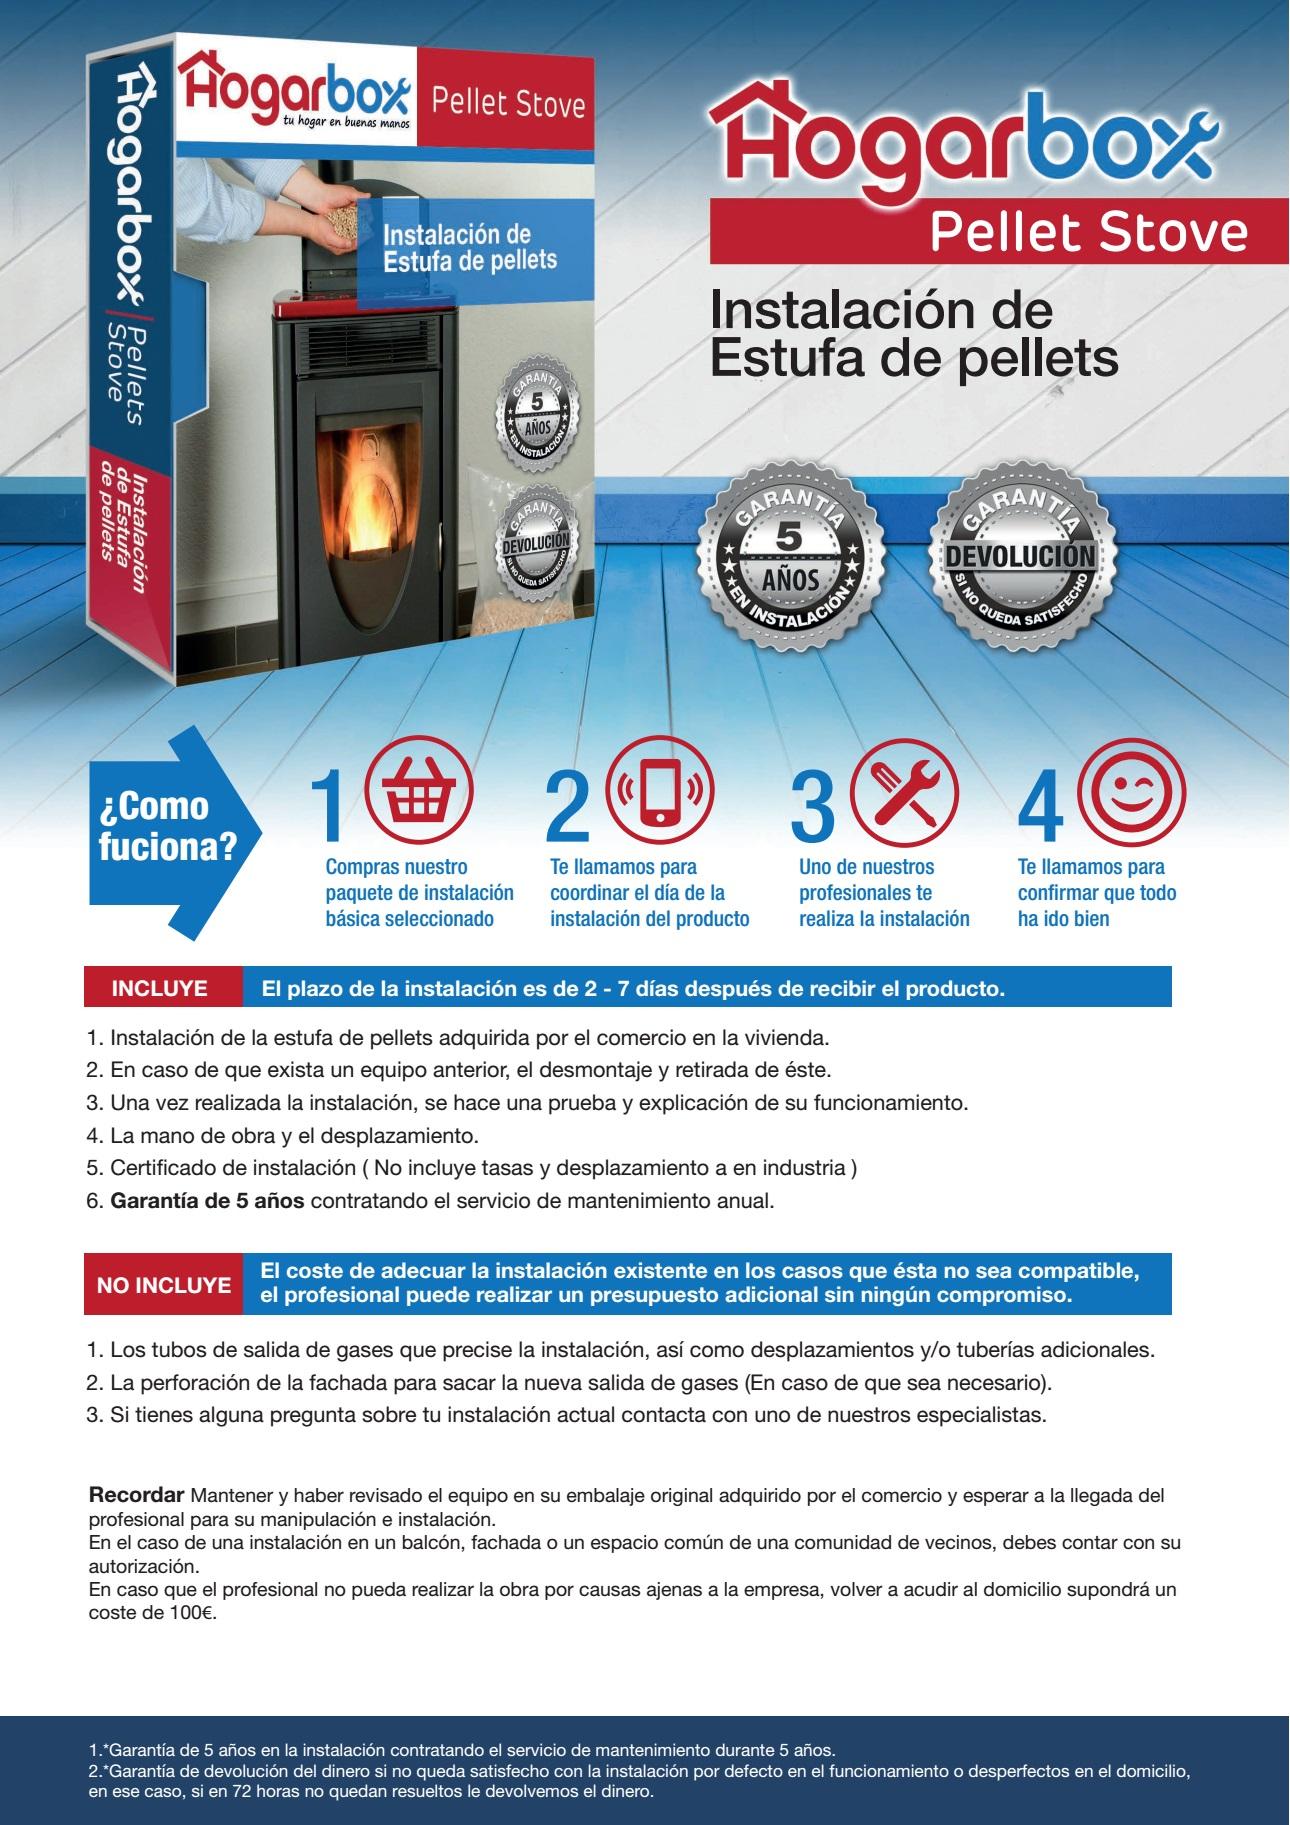 Hogarbox pellet stove instalaci n de estufa de pellets - Instalacion de estufas de pellets ...